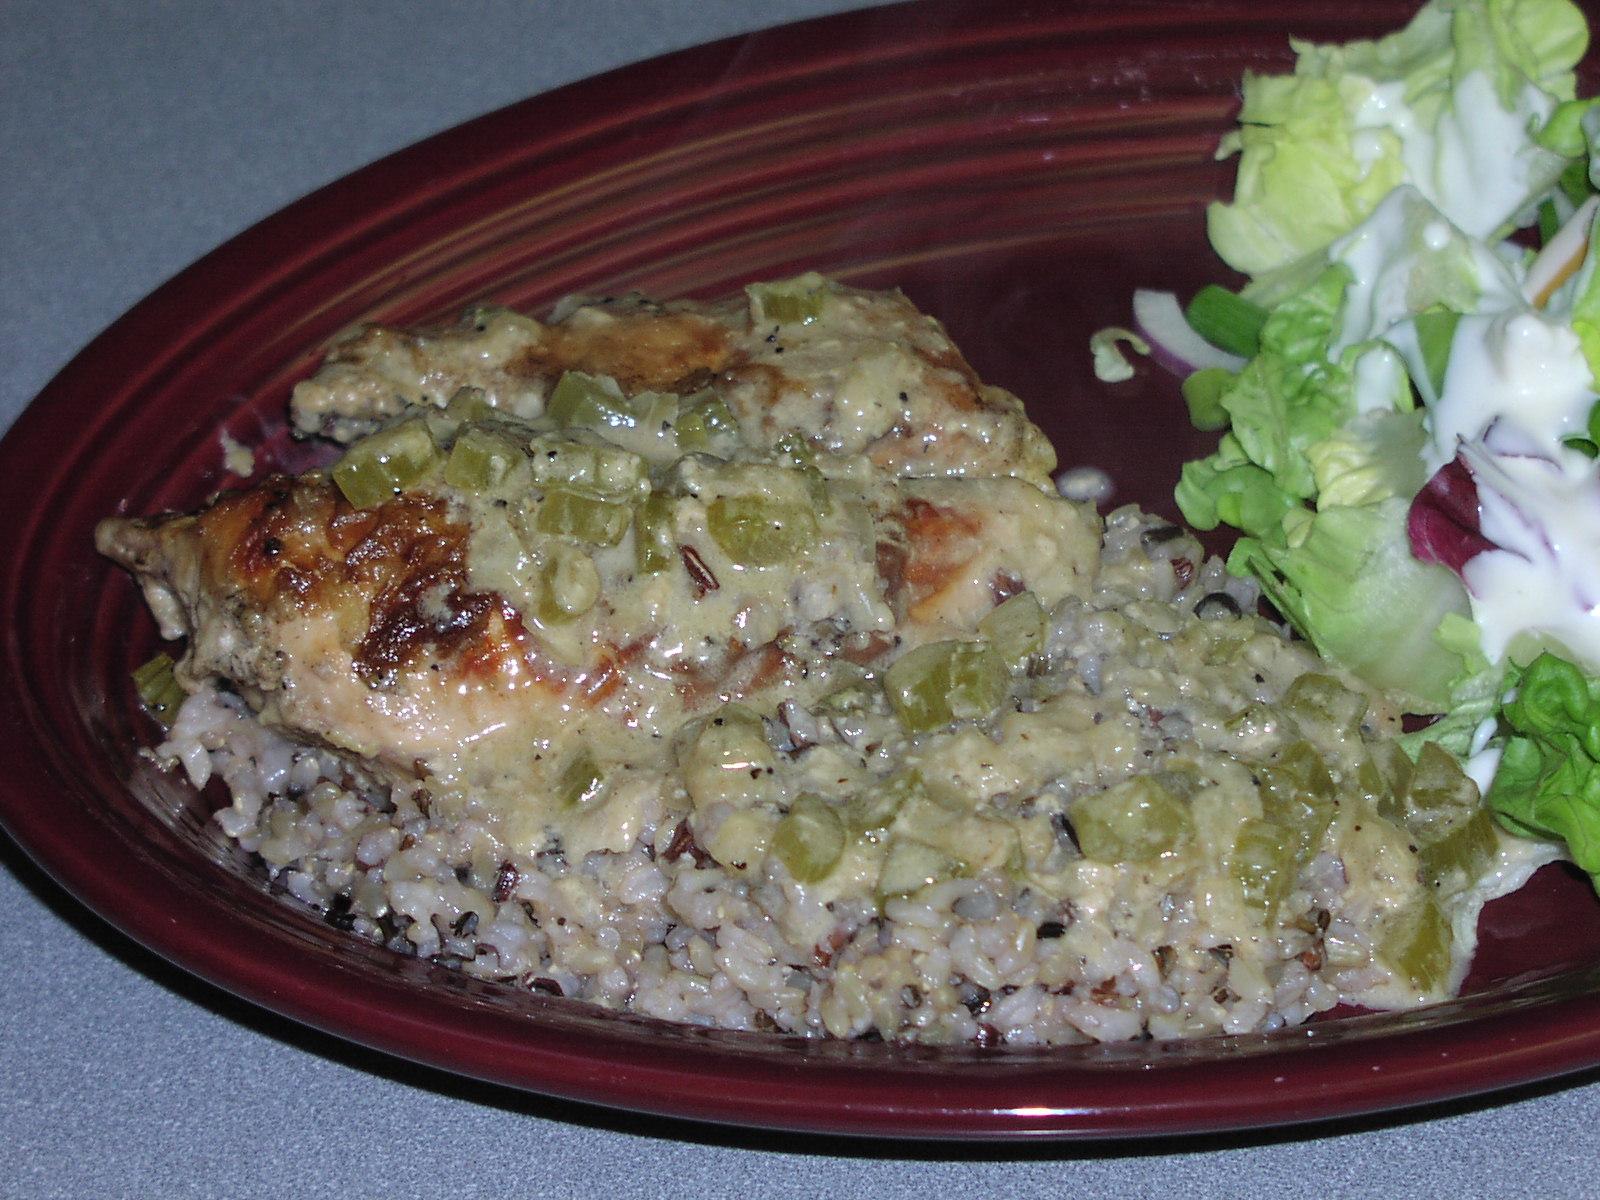 Pheasant recipes genius kitchen forumfinder Images